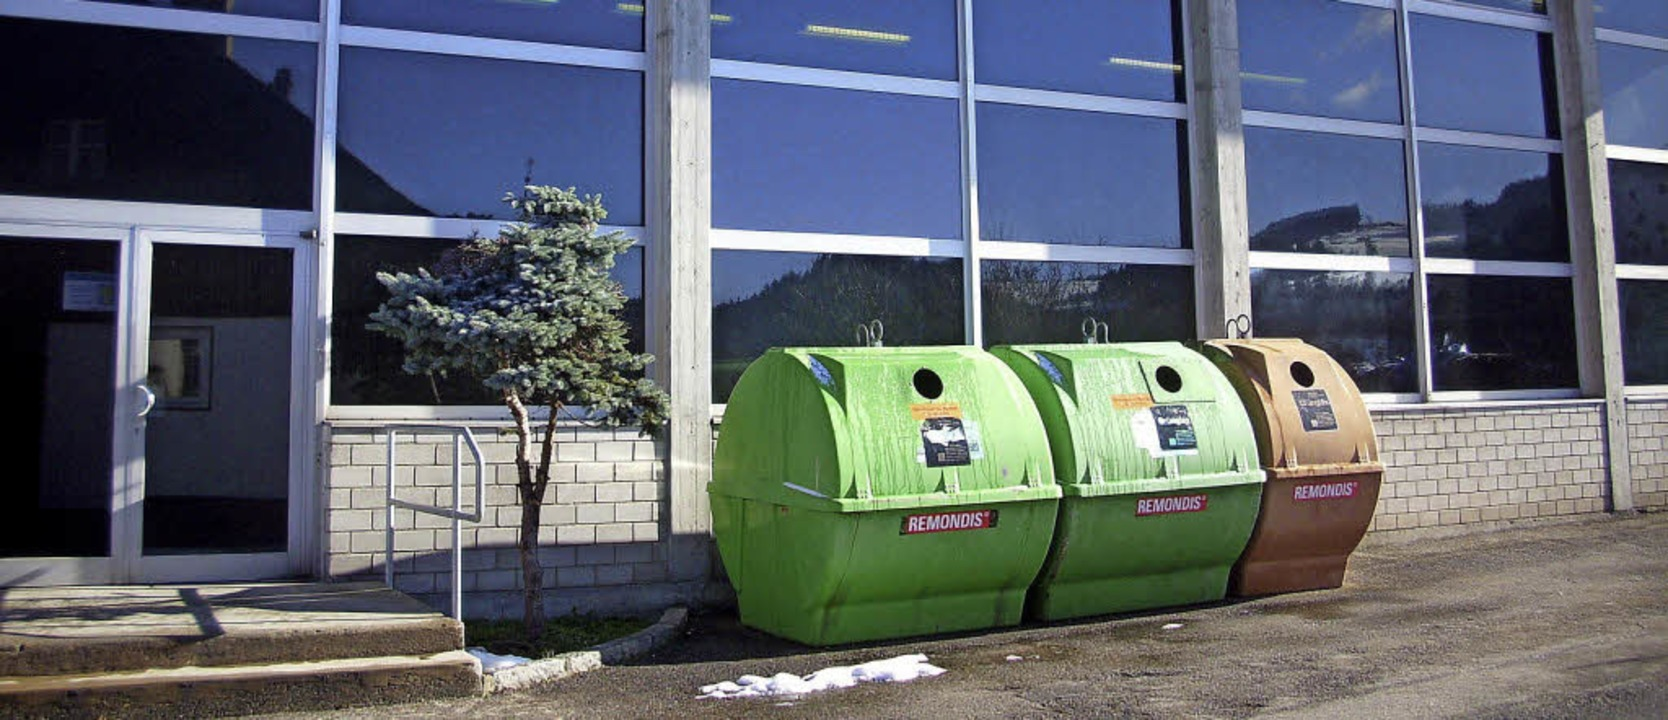 Die Angenbachtalhalle in Häg wird  auch einer gründlichen Sanierung unterzogen.     Foto: Rümmele